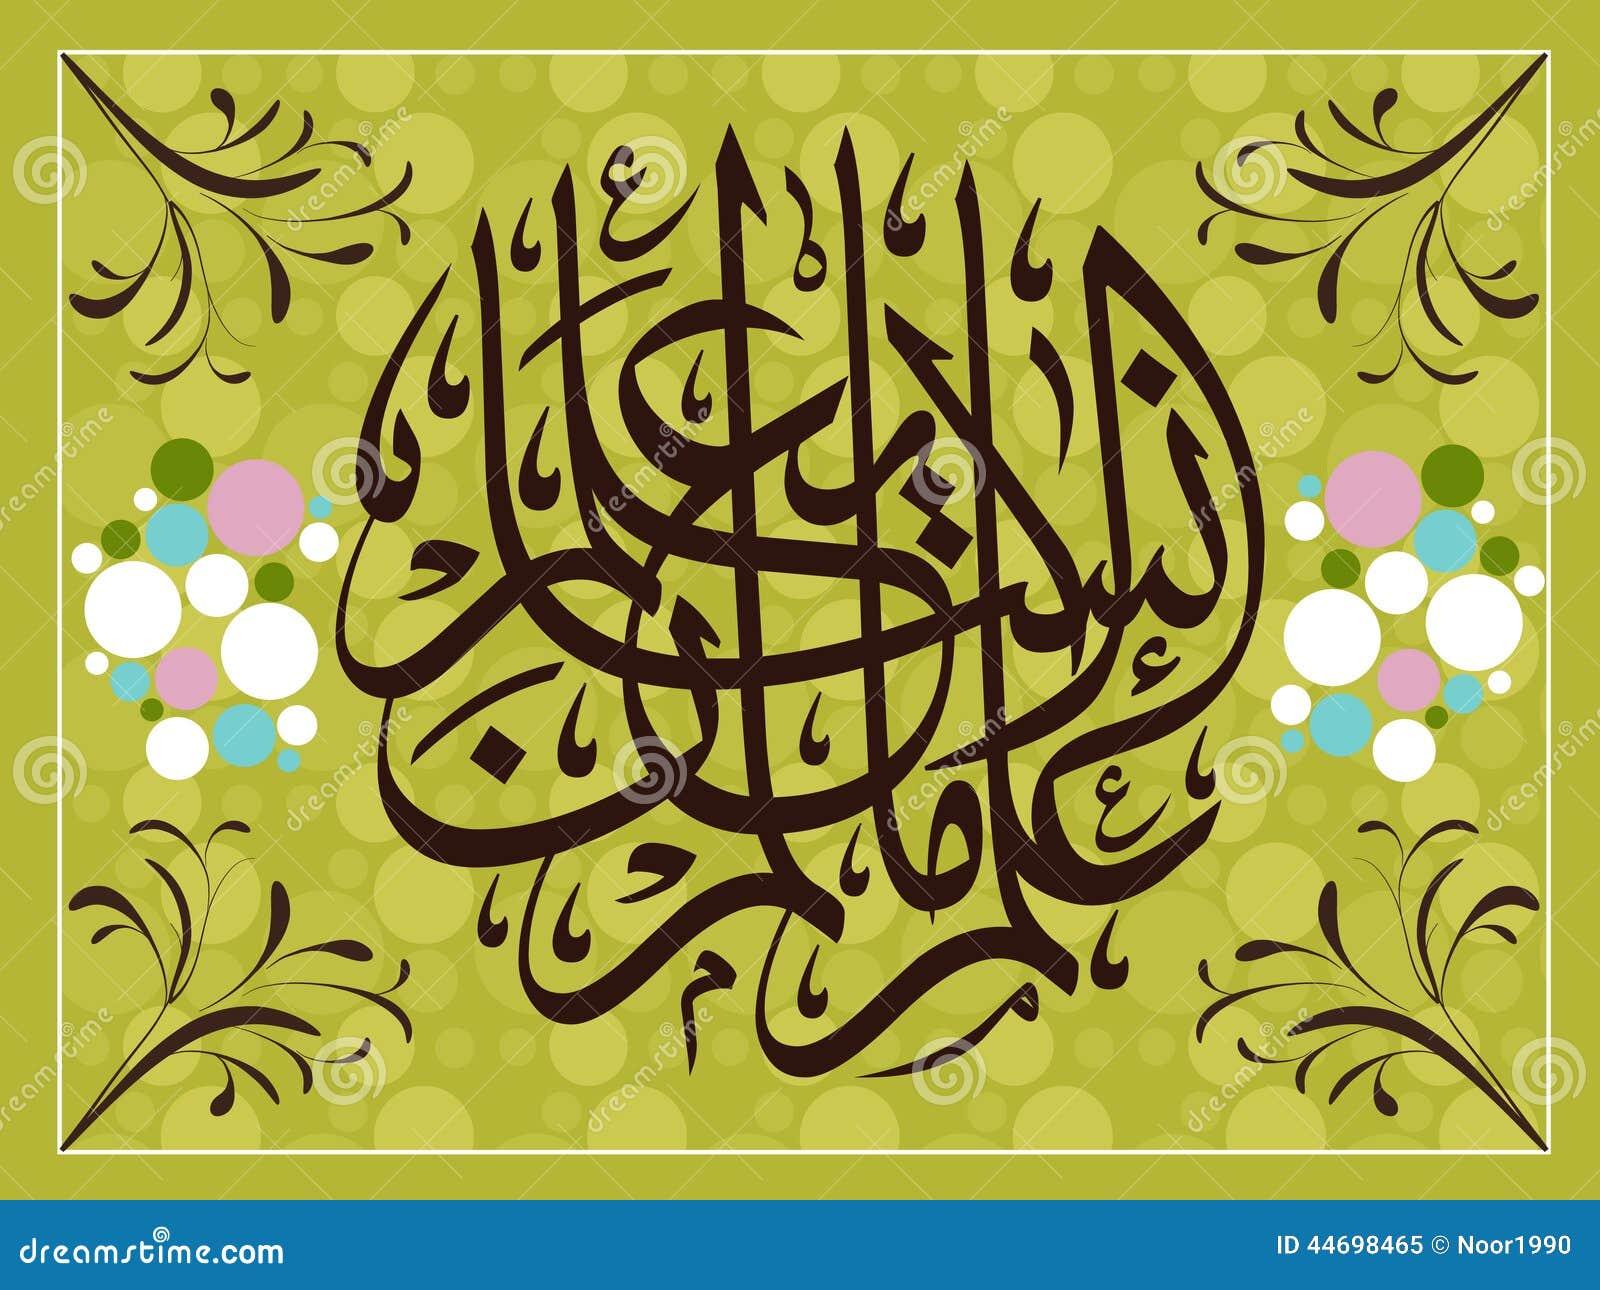 Όμορφος ισλαμικός στίχος καλλιγραφίας, διάνυσμα